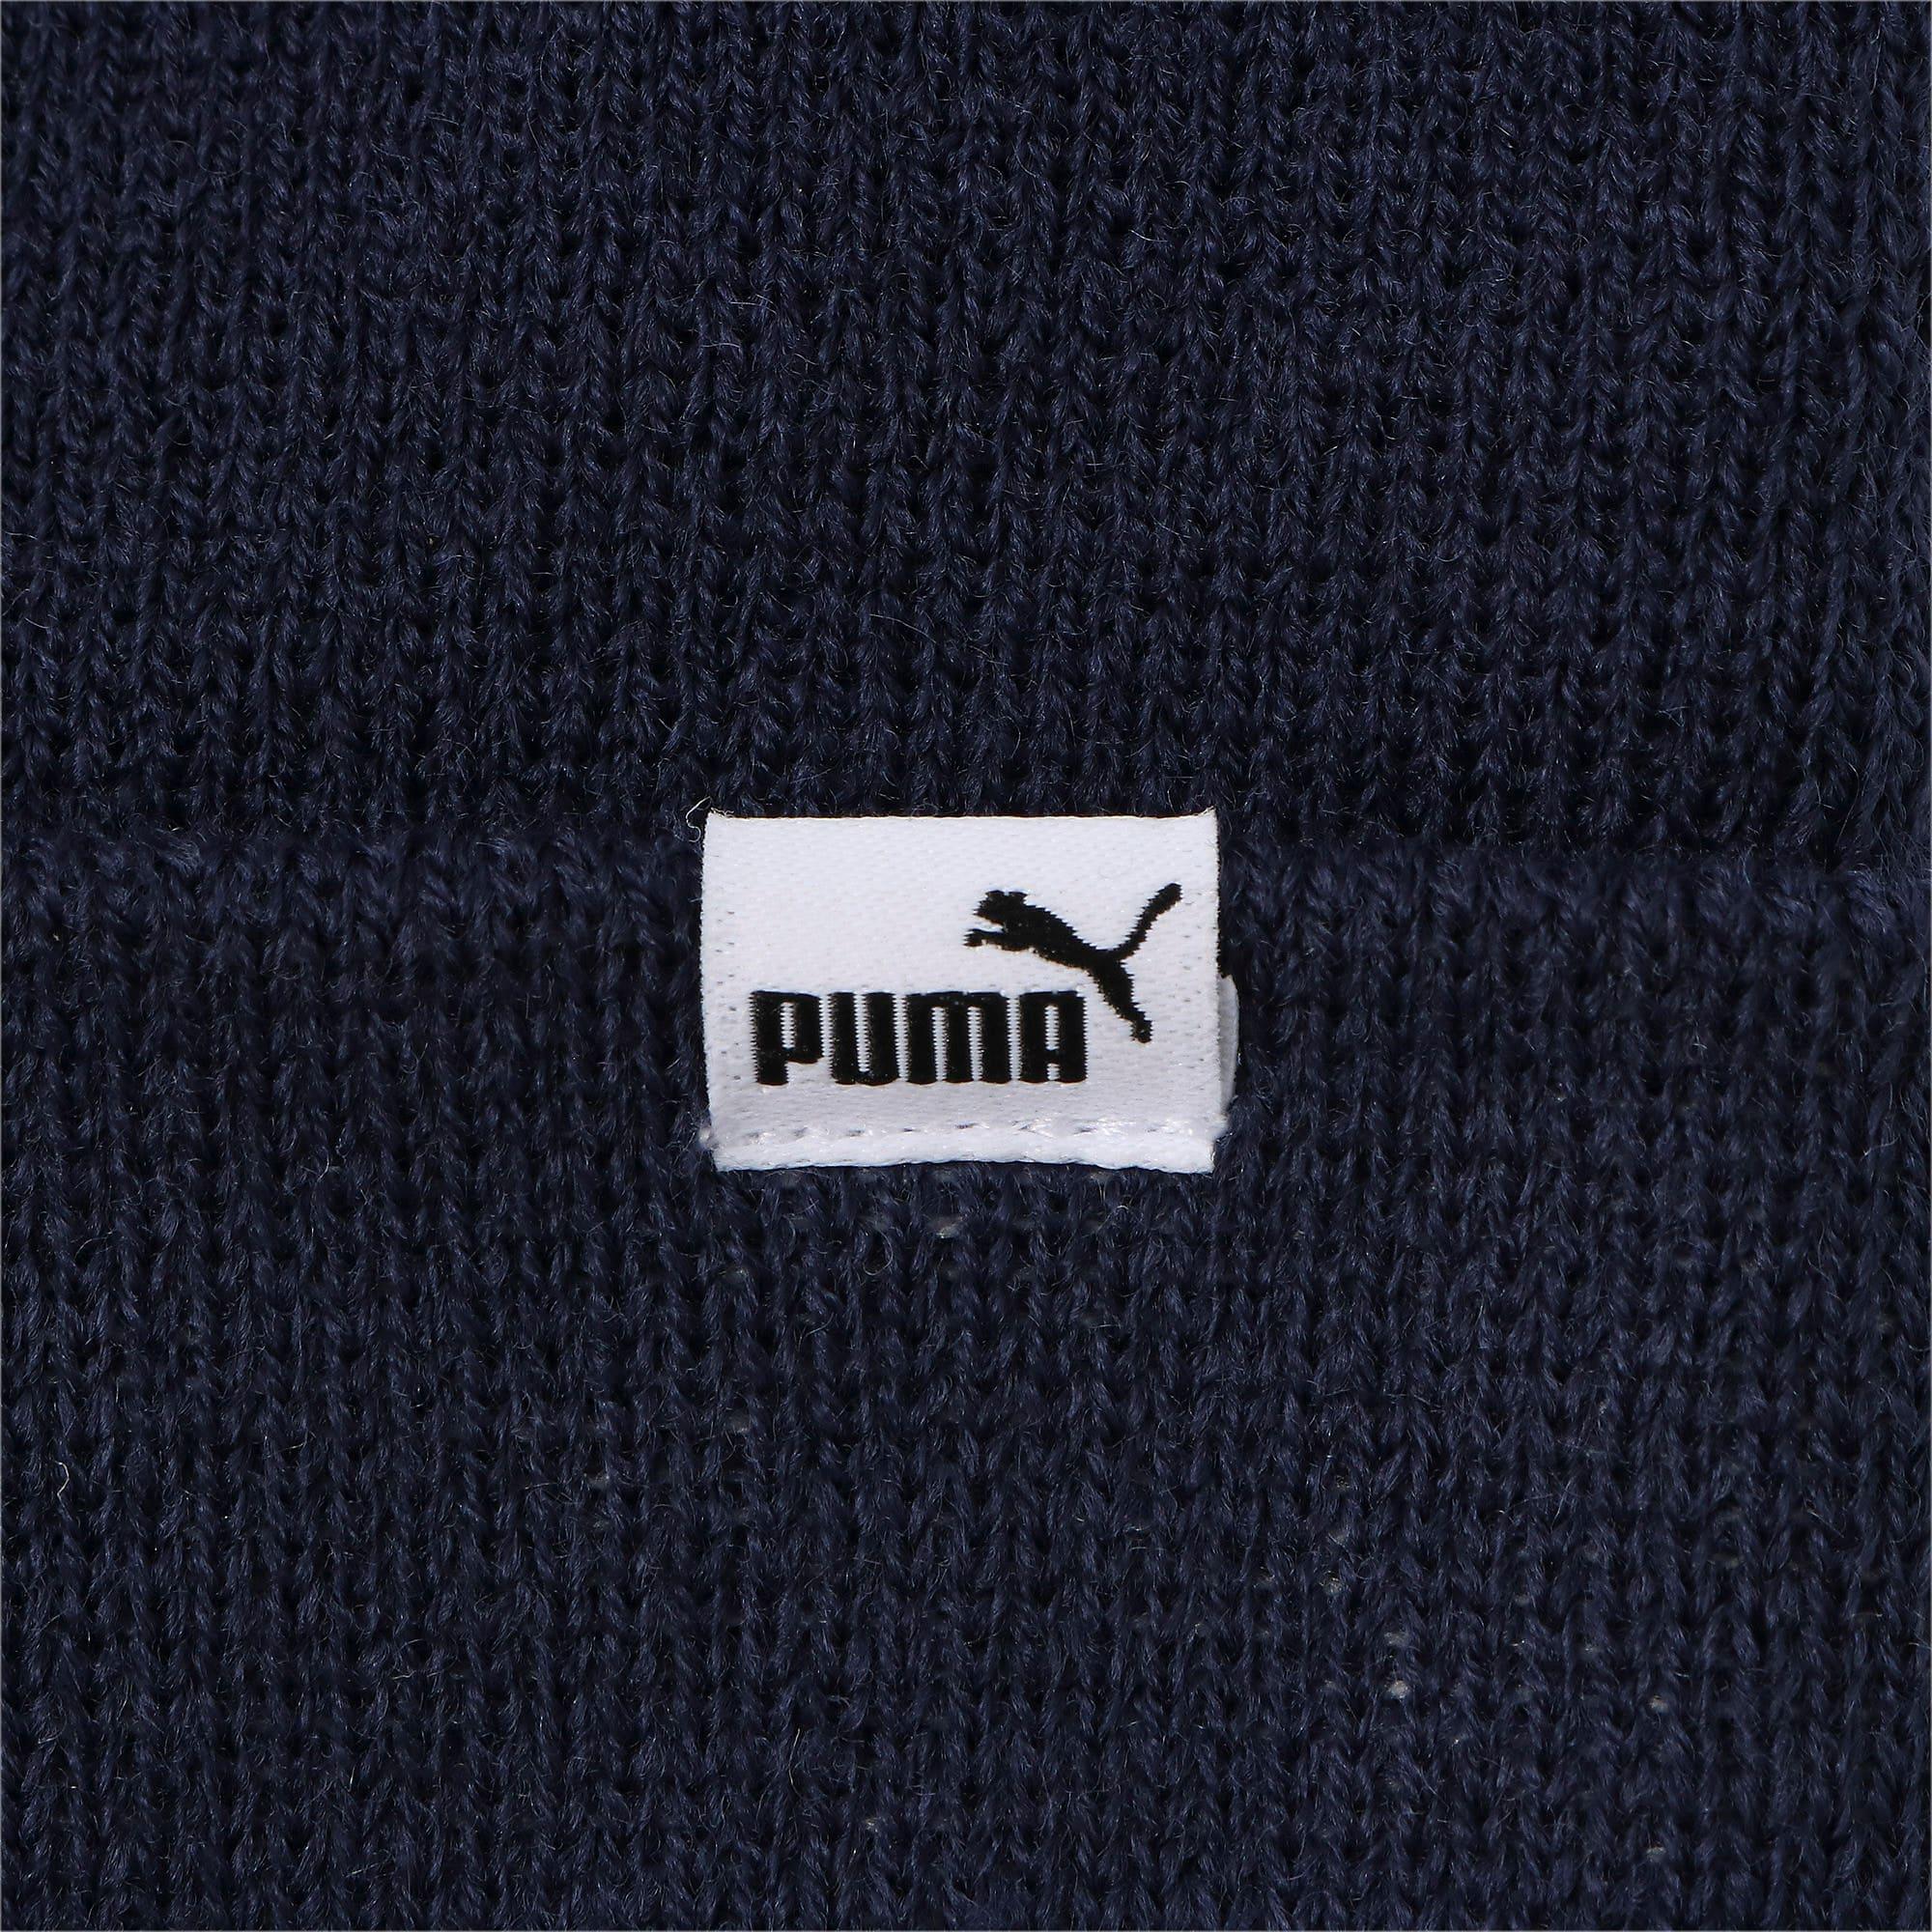 Thumbnail 4 of キッズ プーマ ミッドフィット ビーニー JR, Peacoat, medium-JPN